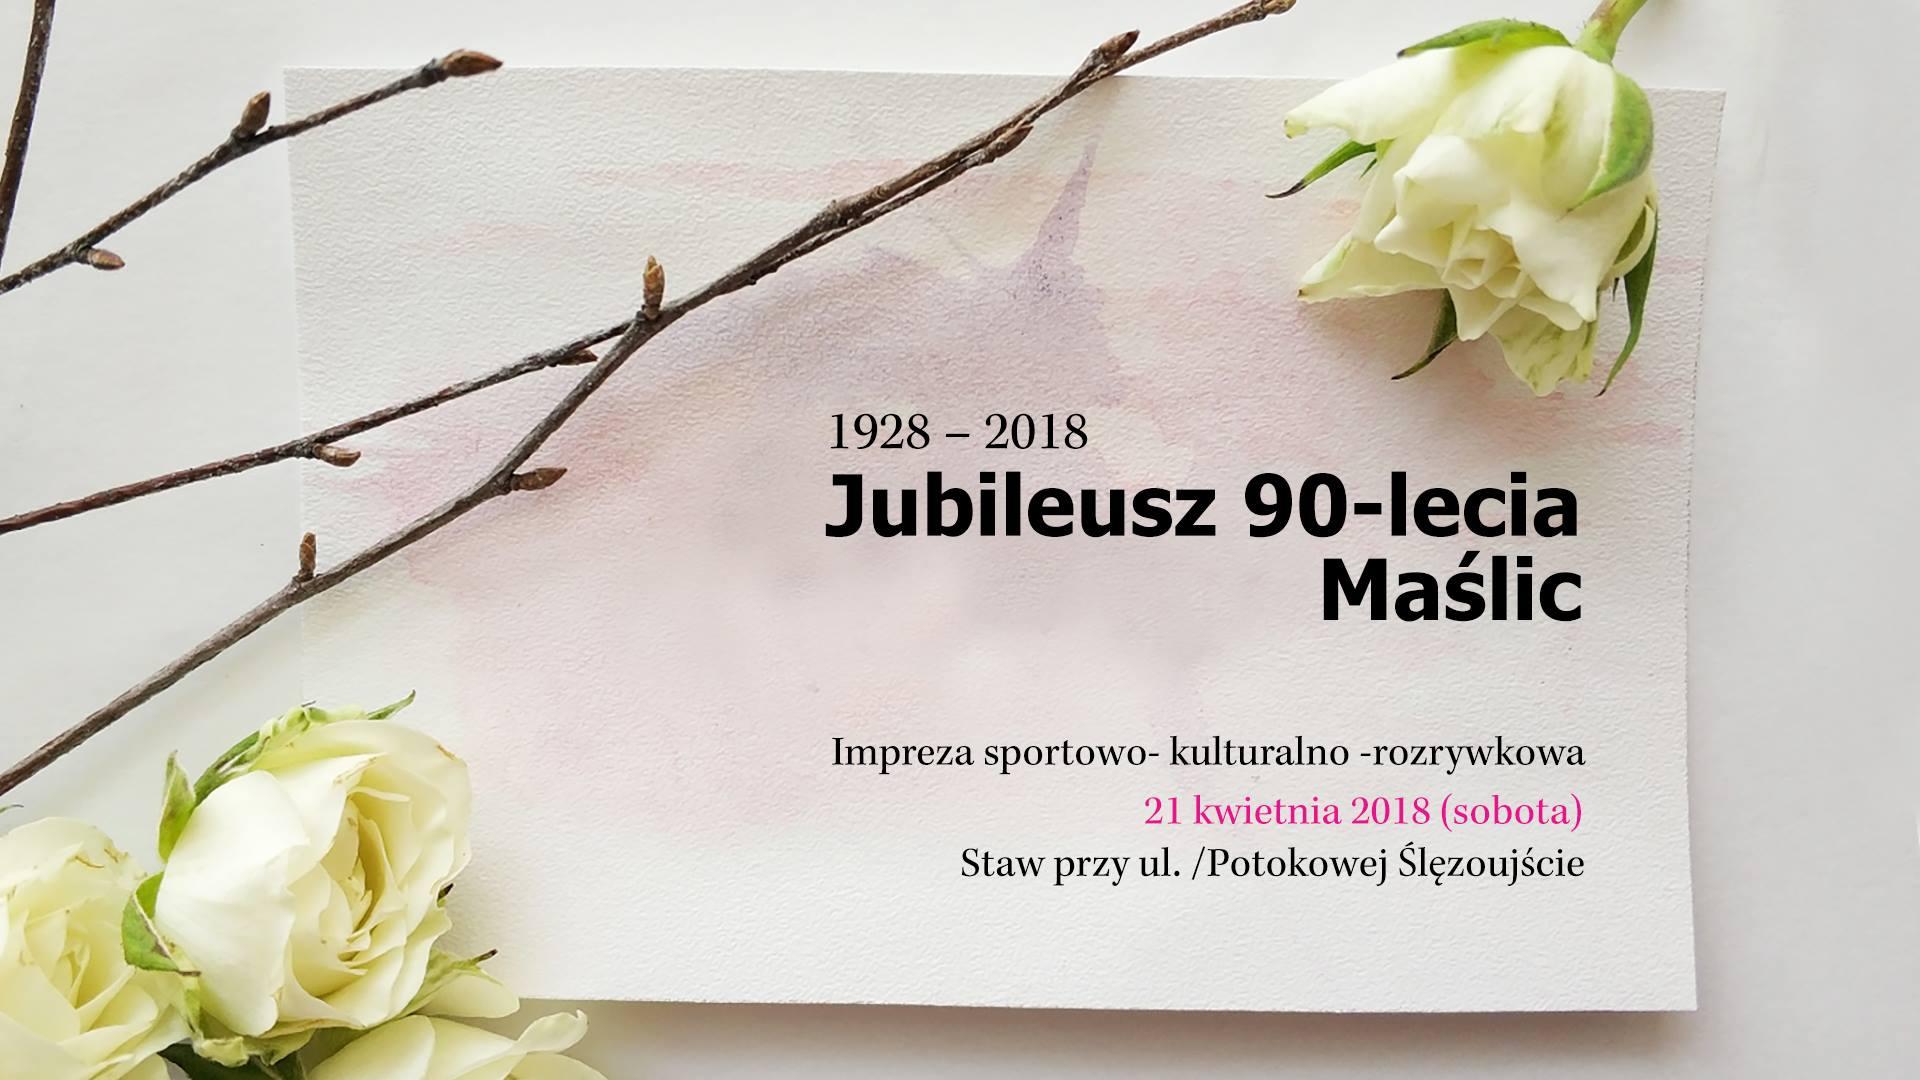 Święto Maślic – jubileusz 90-lecia